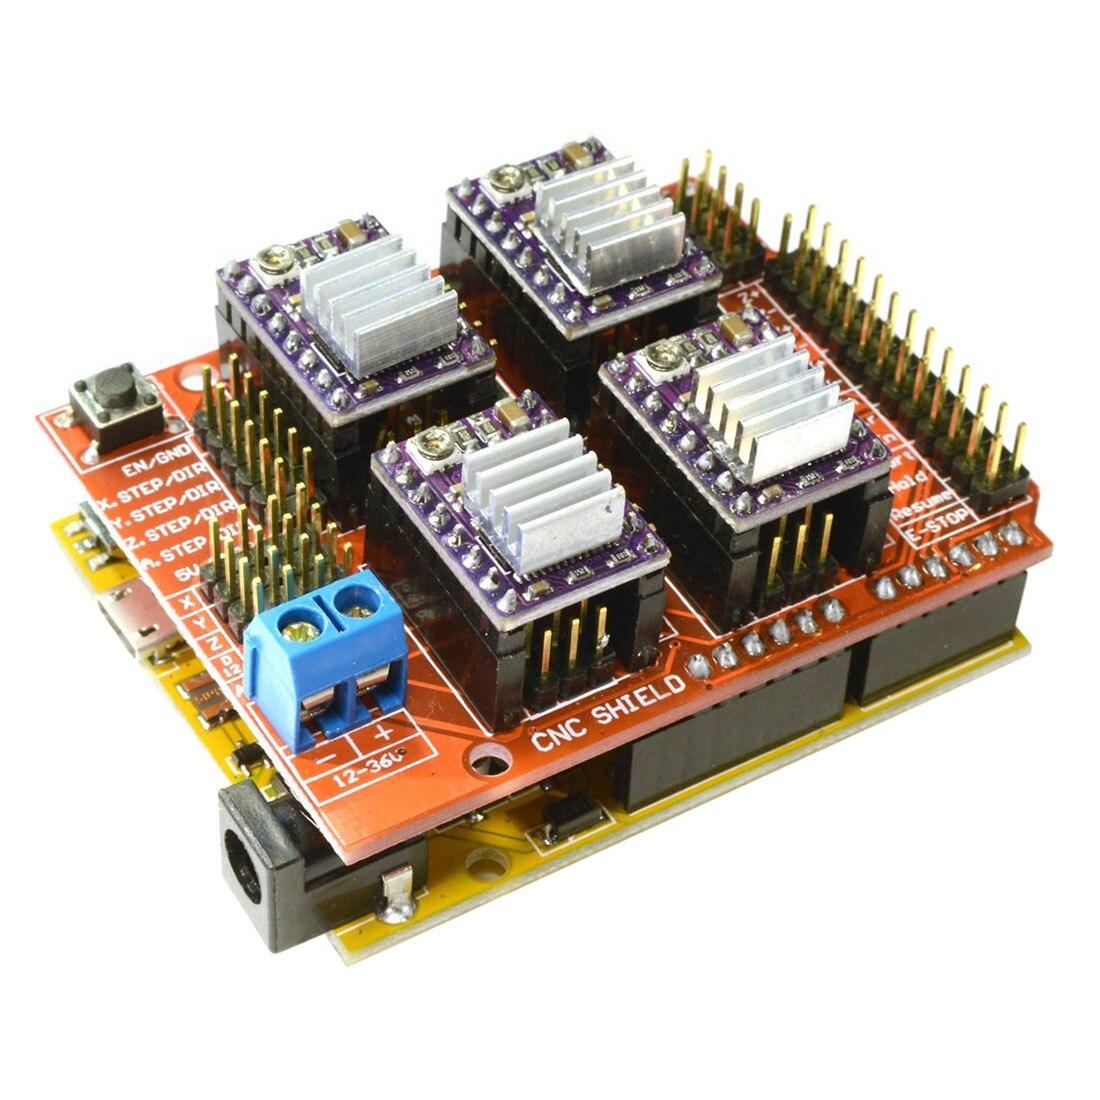 UNO R3 for Arduino Compatible Board 4x TI DRV8825 StepStick Stepper Drivers Red+purple SODIAL CNC V3 Shield